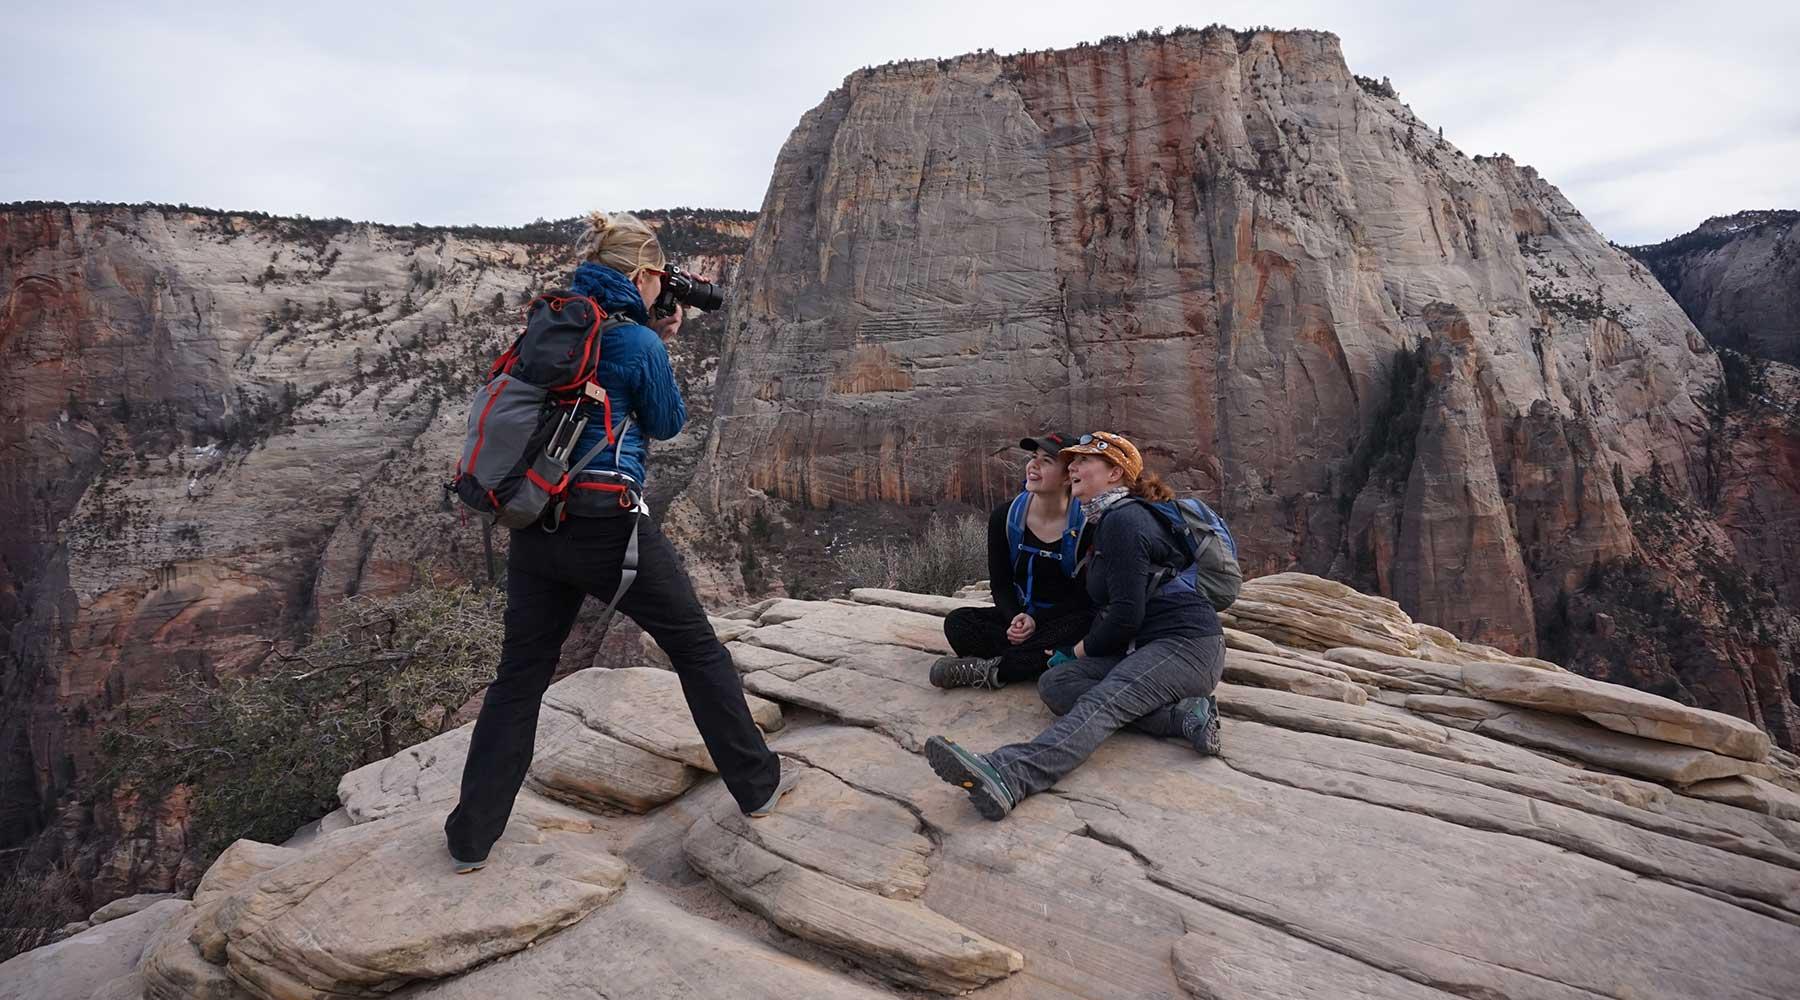 Zion,-Angels-Landing-Grands parcs de l'ouest en hiver, zion, grand canyon, bryce canyon, monument vallée, monument valley, las vegas, chinook voyage, aventure, randonnée